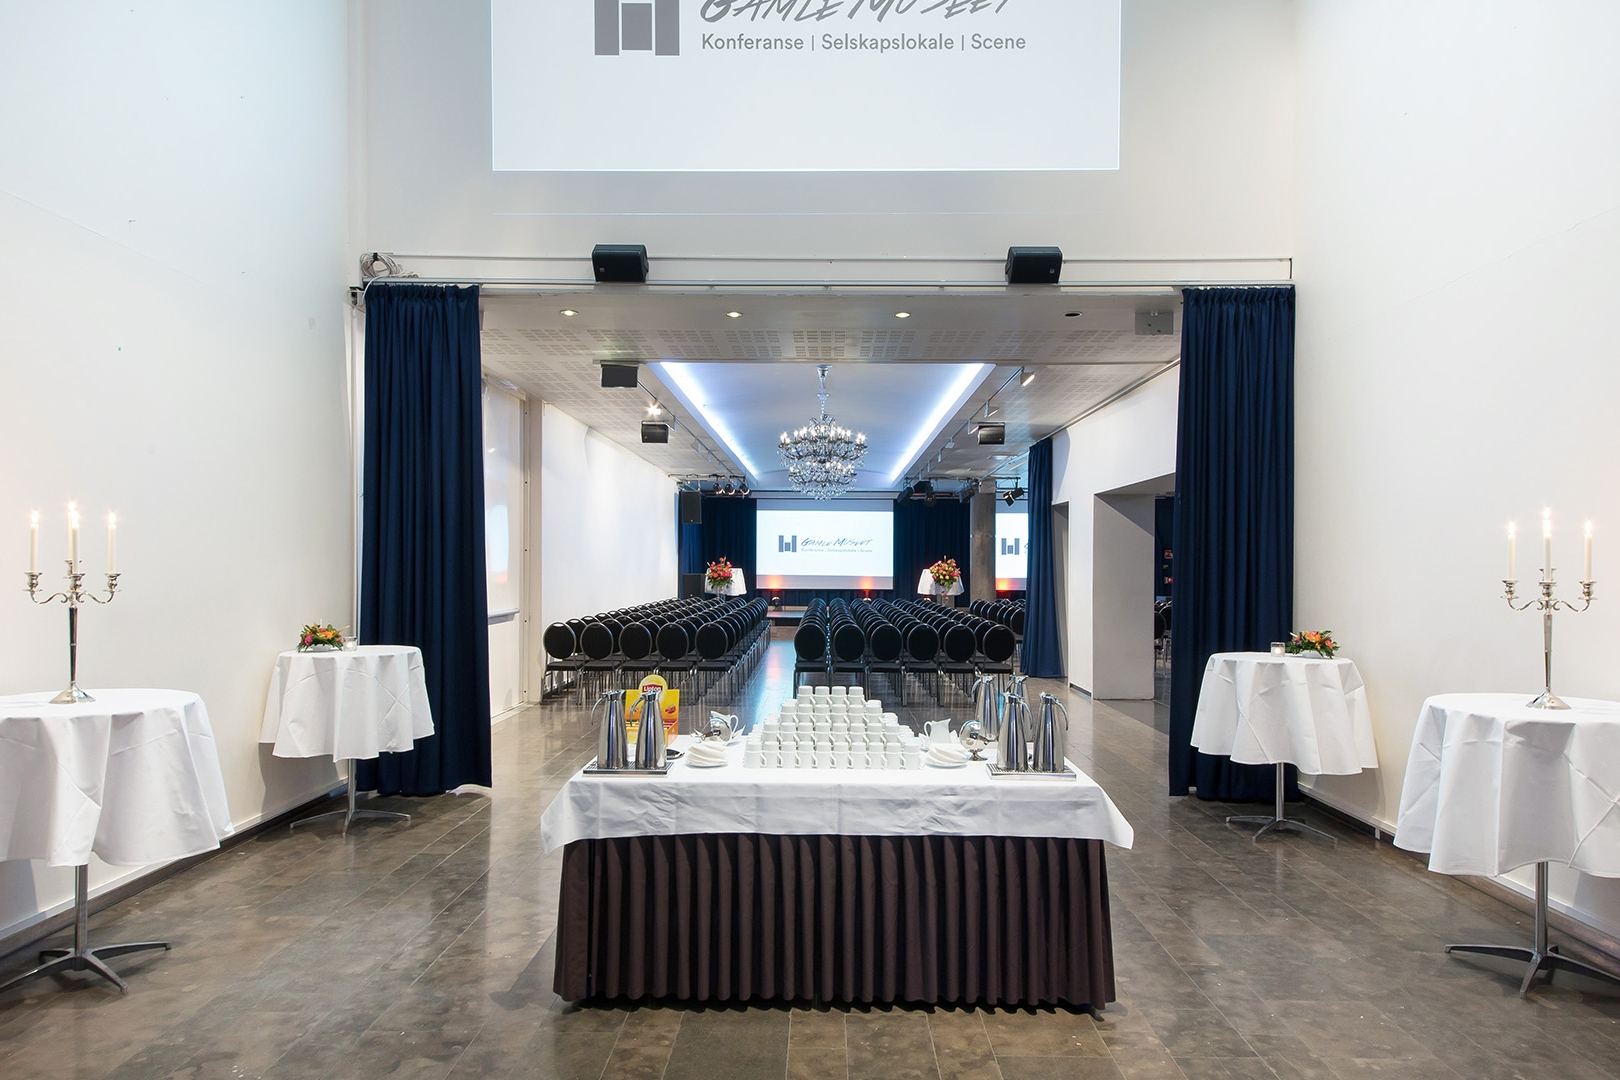 Gamle Museet har store, åpne og fleksible lokaler til konferanse, messe, selskap og bryllup.